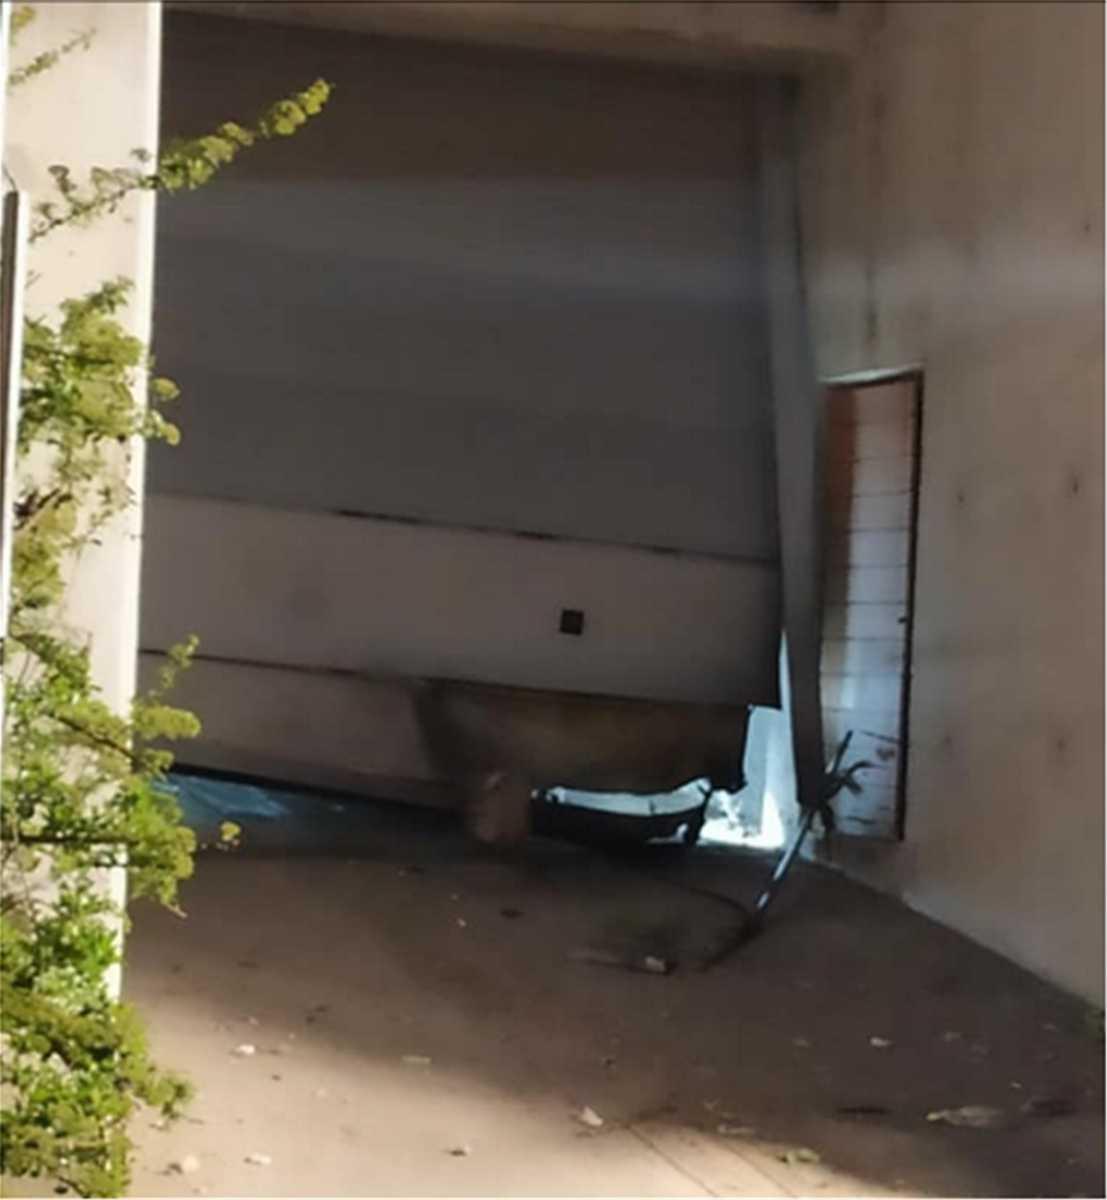 ΕΚΤΑΚΤΟ: Έκρηξη στο σπίτι του Μένιου Φουρθιώτη[Φωτογραφίες]